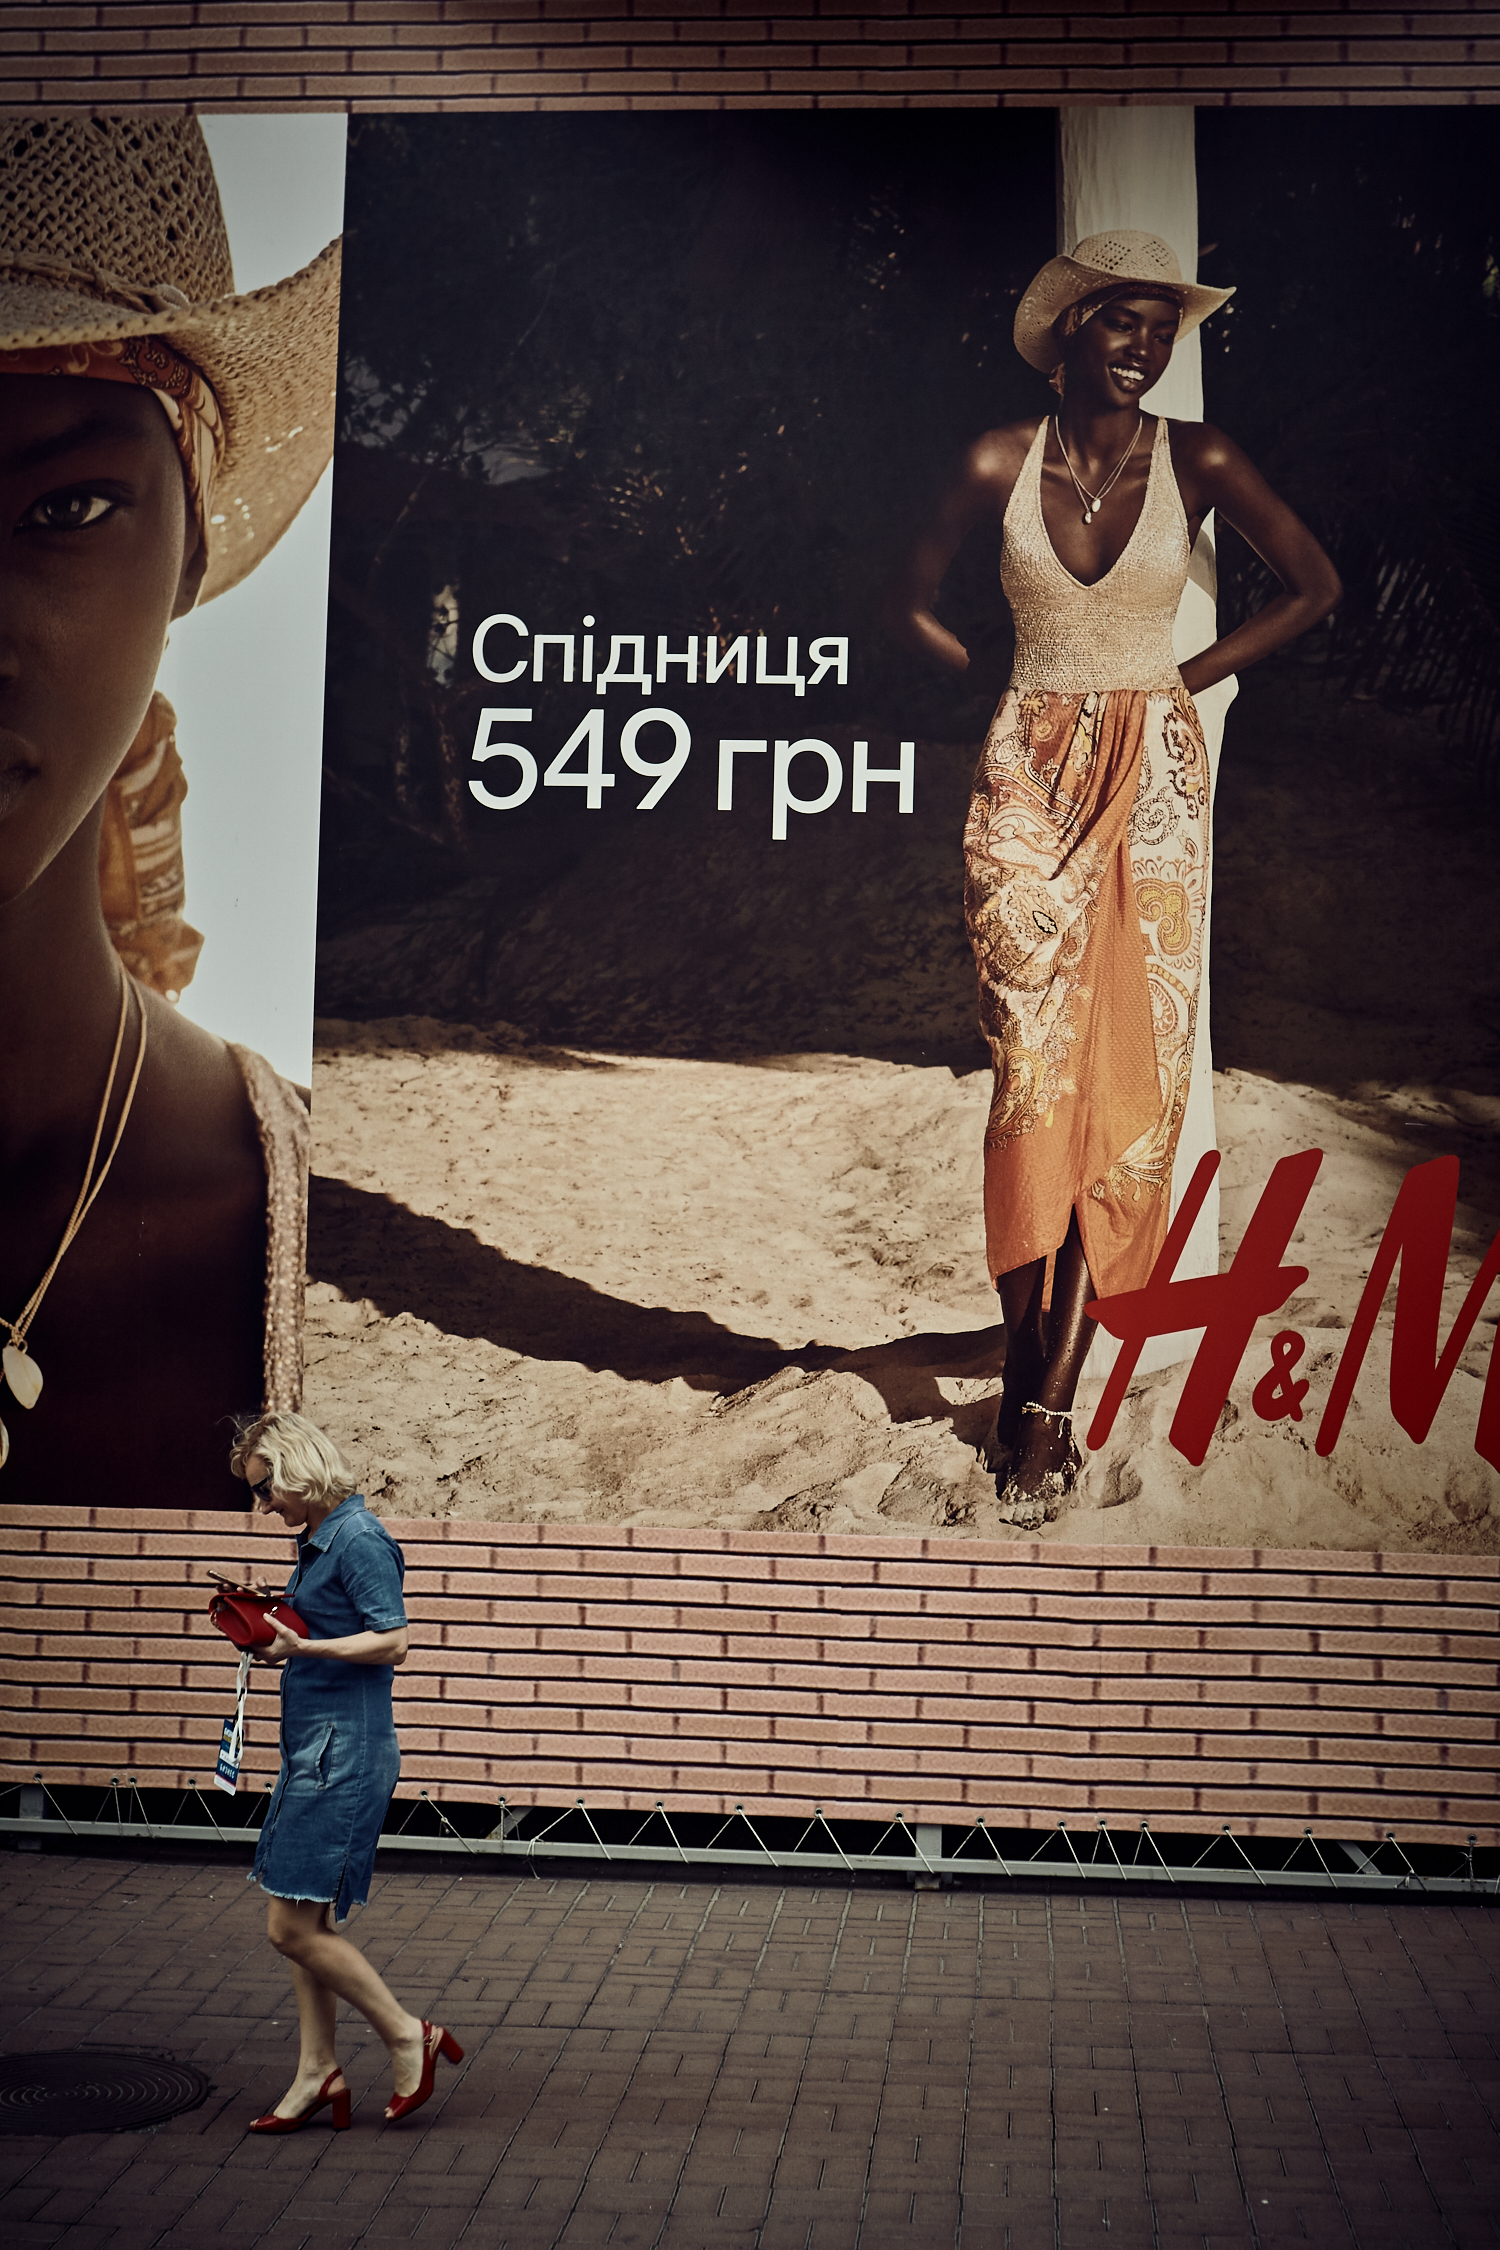 AF_201905_Kiew-_54X4618-bearbeitet.jpg